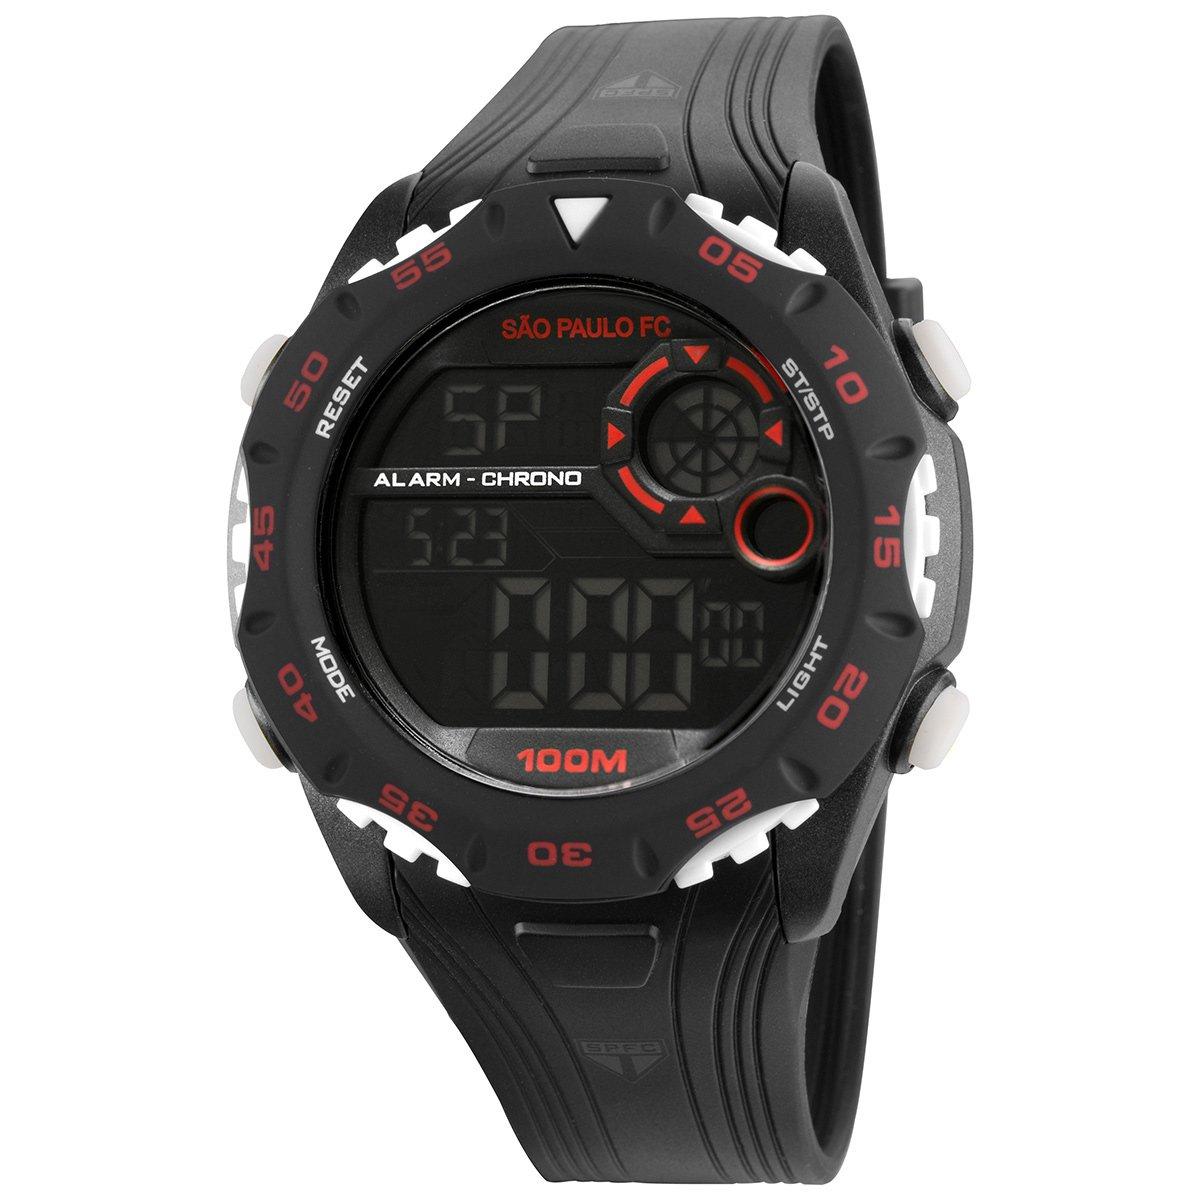 077ce3199c3 Relógio São Paulo Technos Digital I - Compre Agora